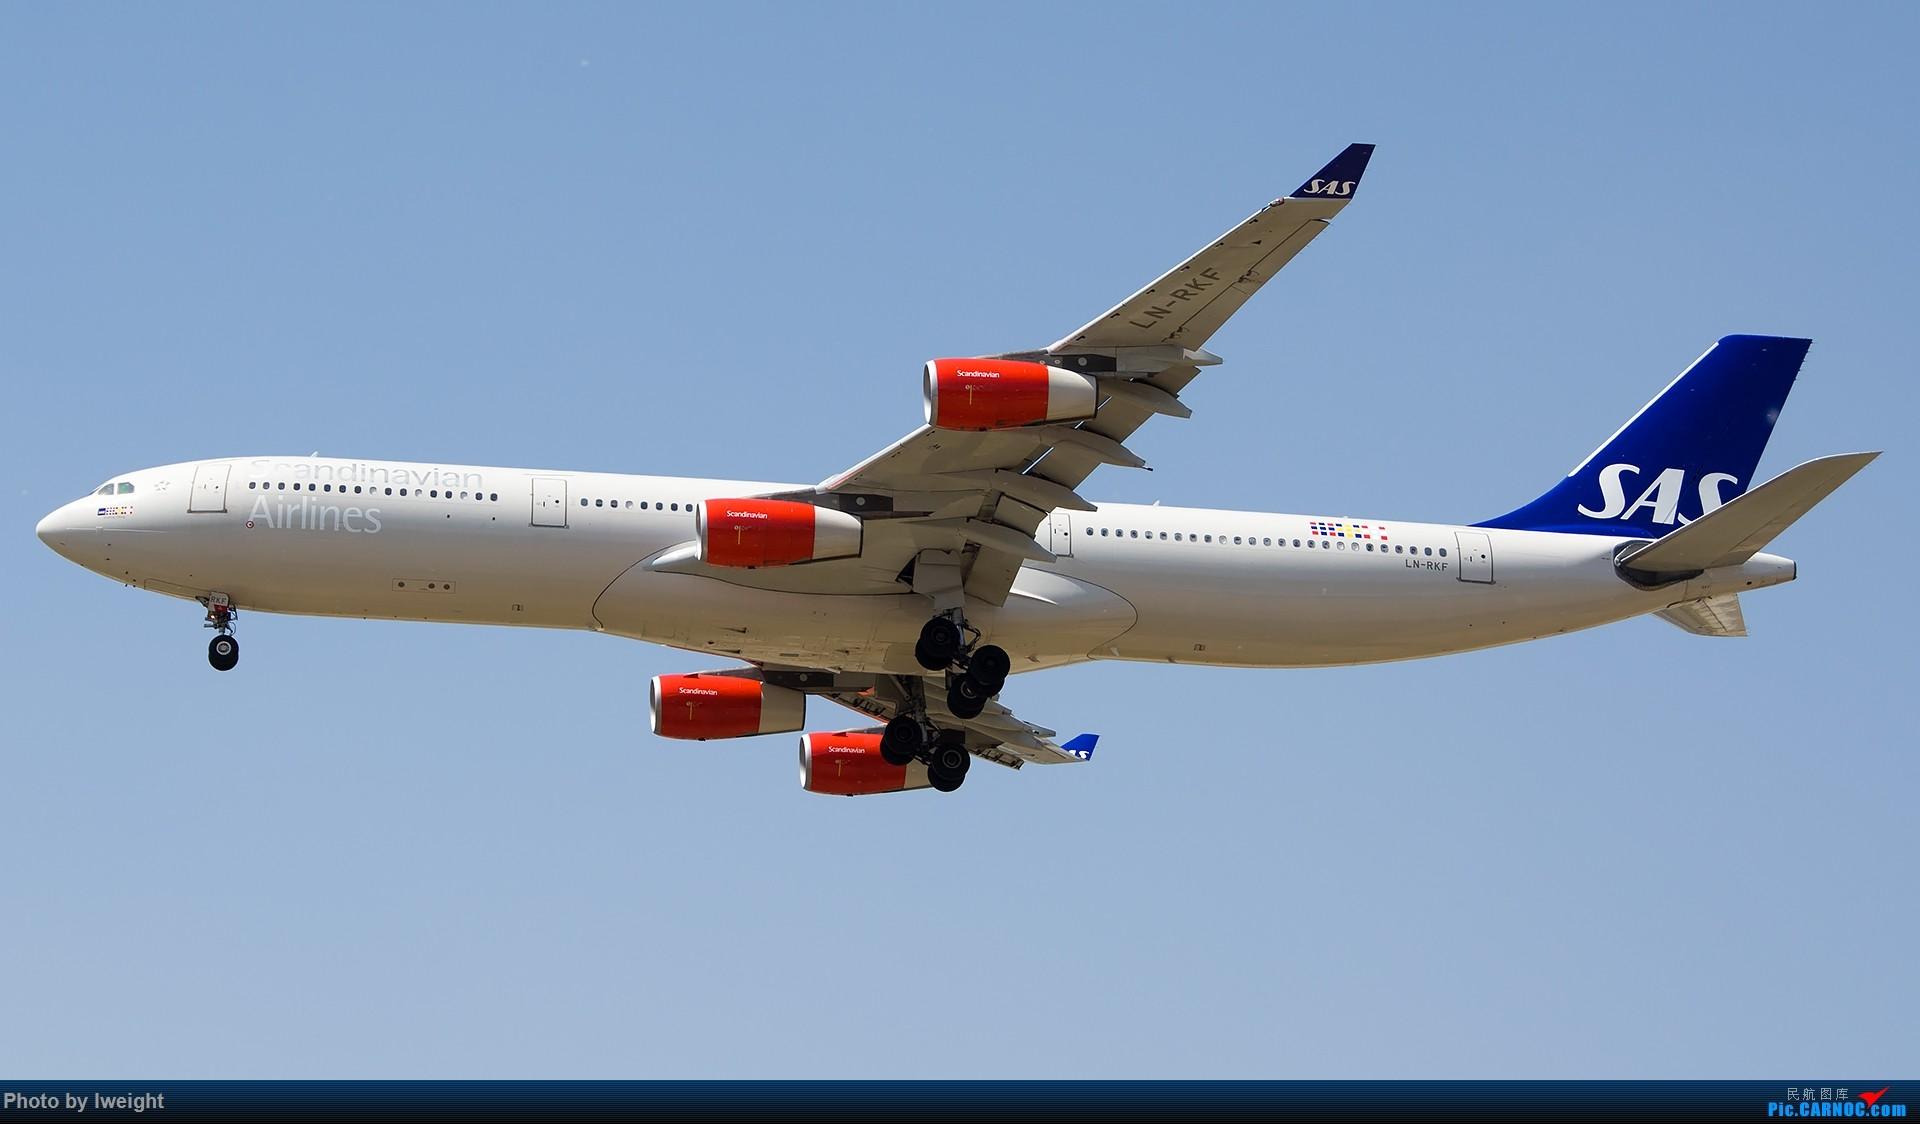 Re:[原创]2015年第一次在PEK拍北向南,其实是为Jimmy去的【2015-4-24】 AIRBUS A340-300 LN-RKF 中国北京首都国际机场